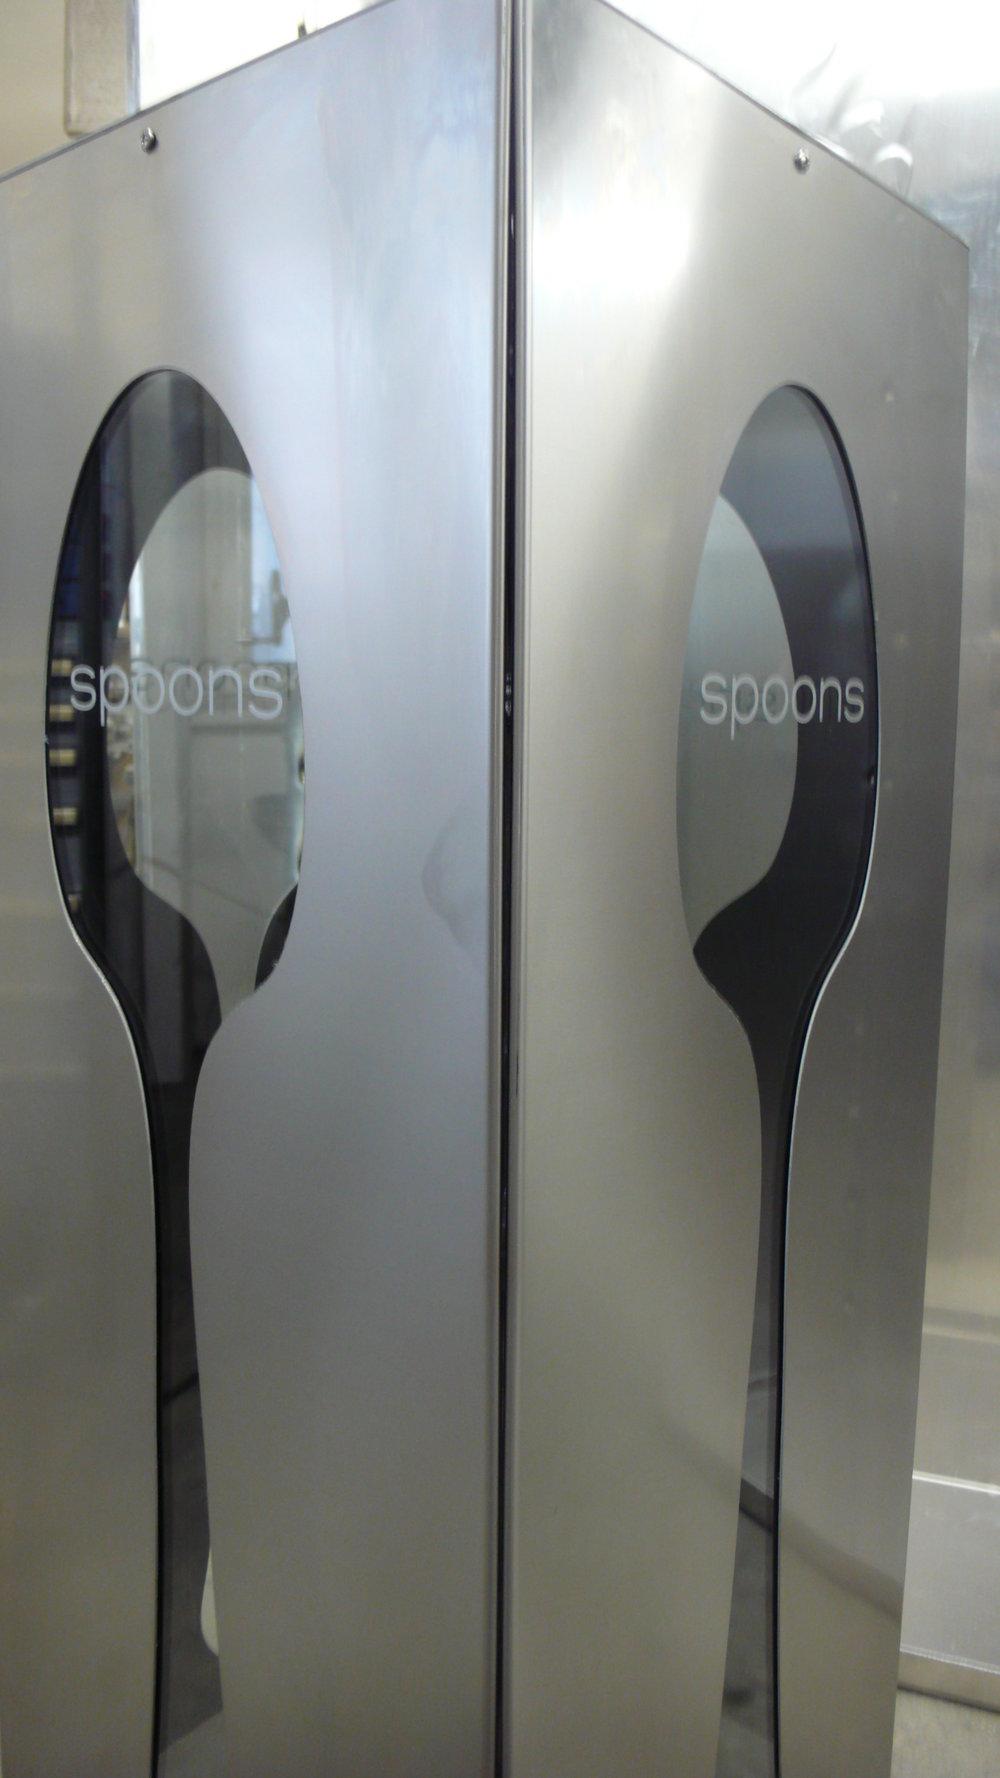 SignOLight_Spoons_L1010013.JPG